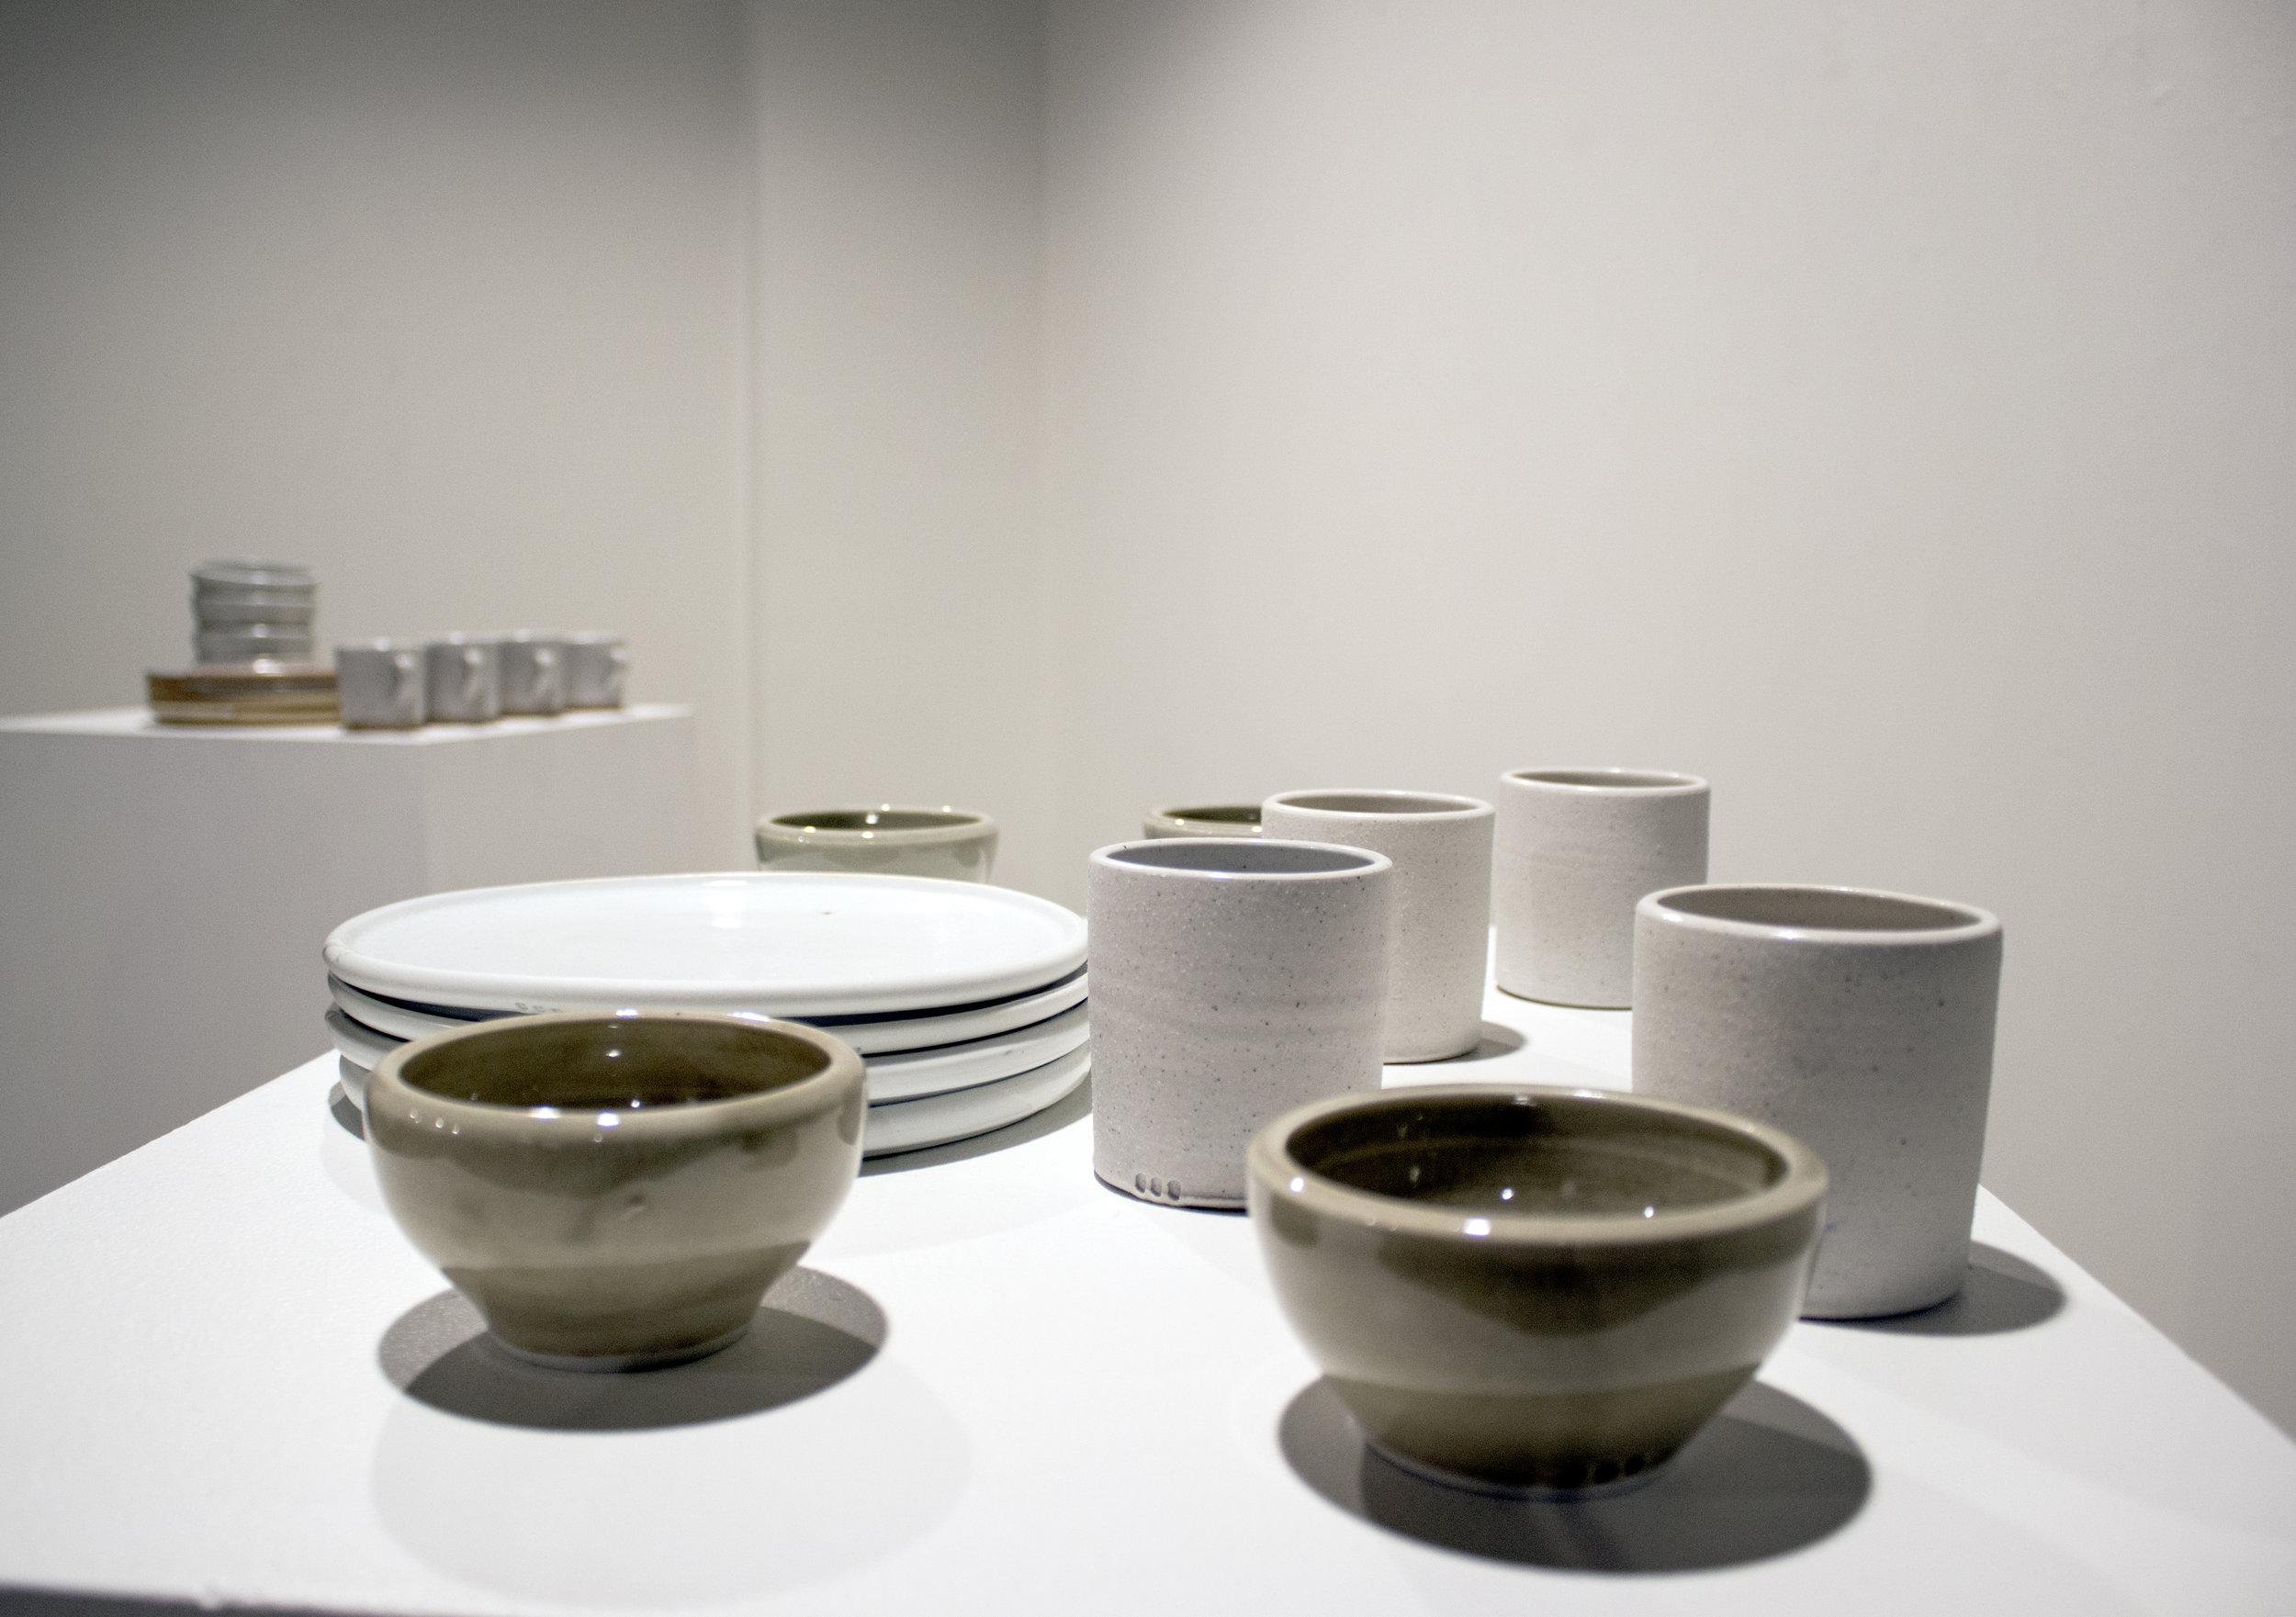 Stone and Porcelain Wares   Hilary McCandless-Beard, Proprietor of McBeard Ceramics